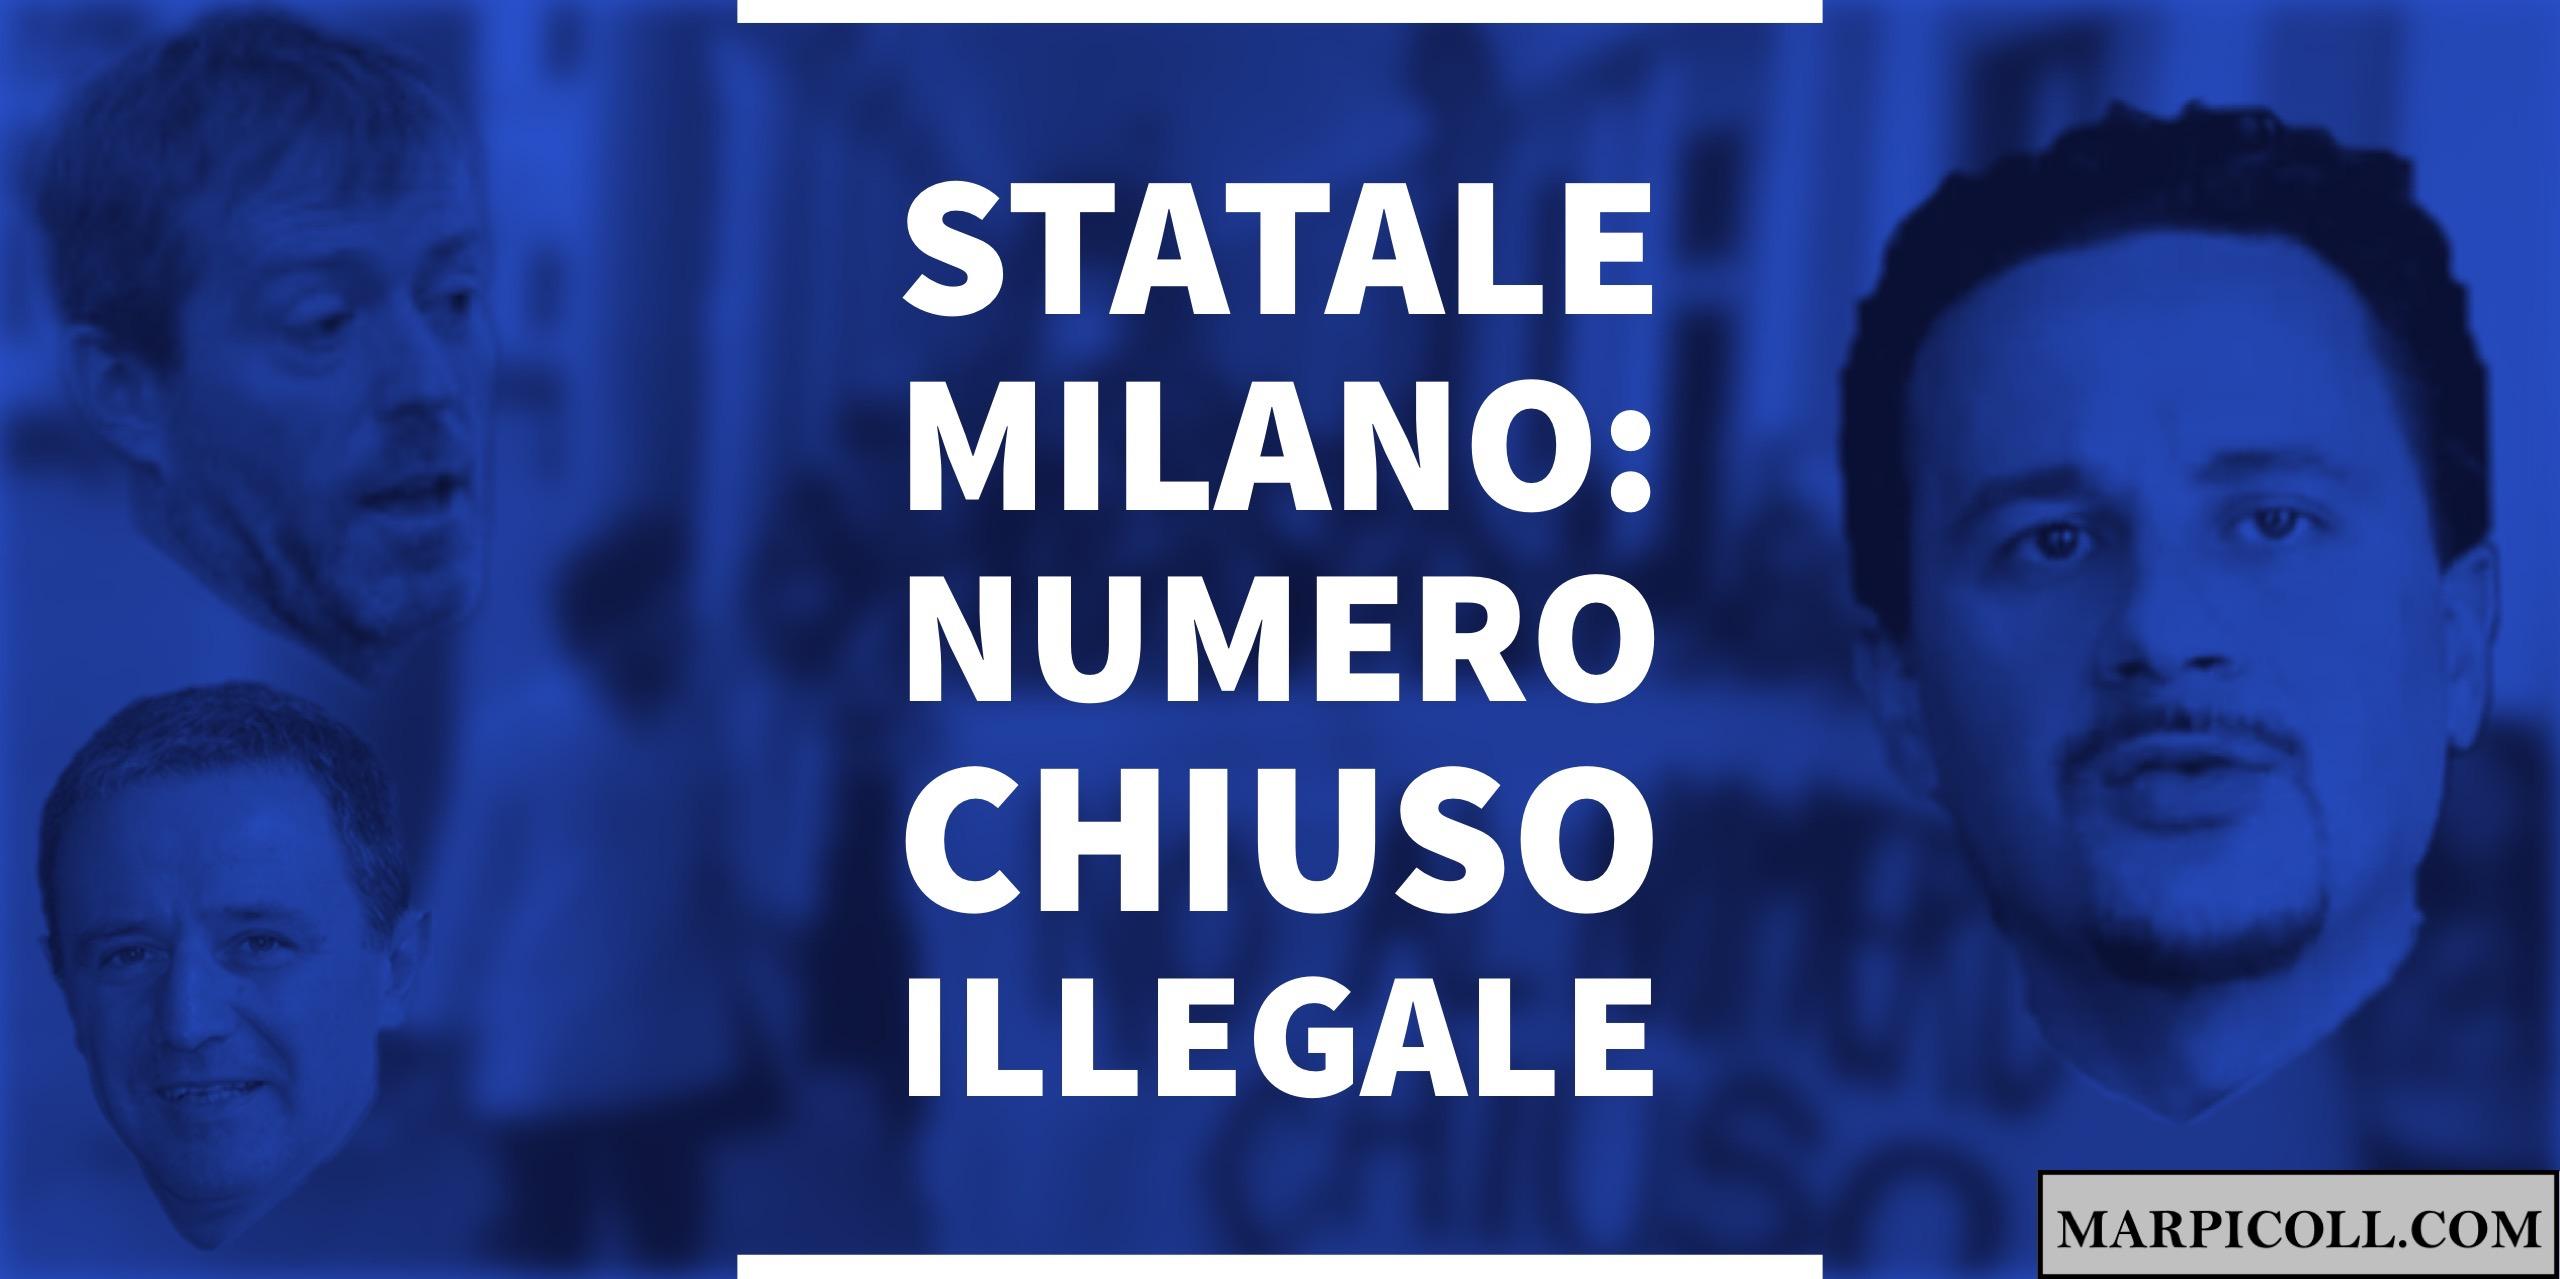 Statale Milano: Numero Chiuso Illegale